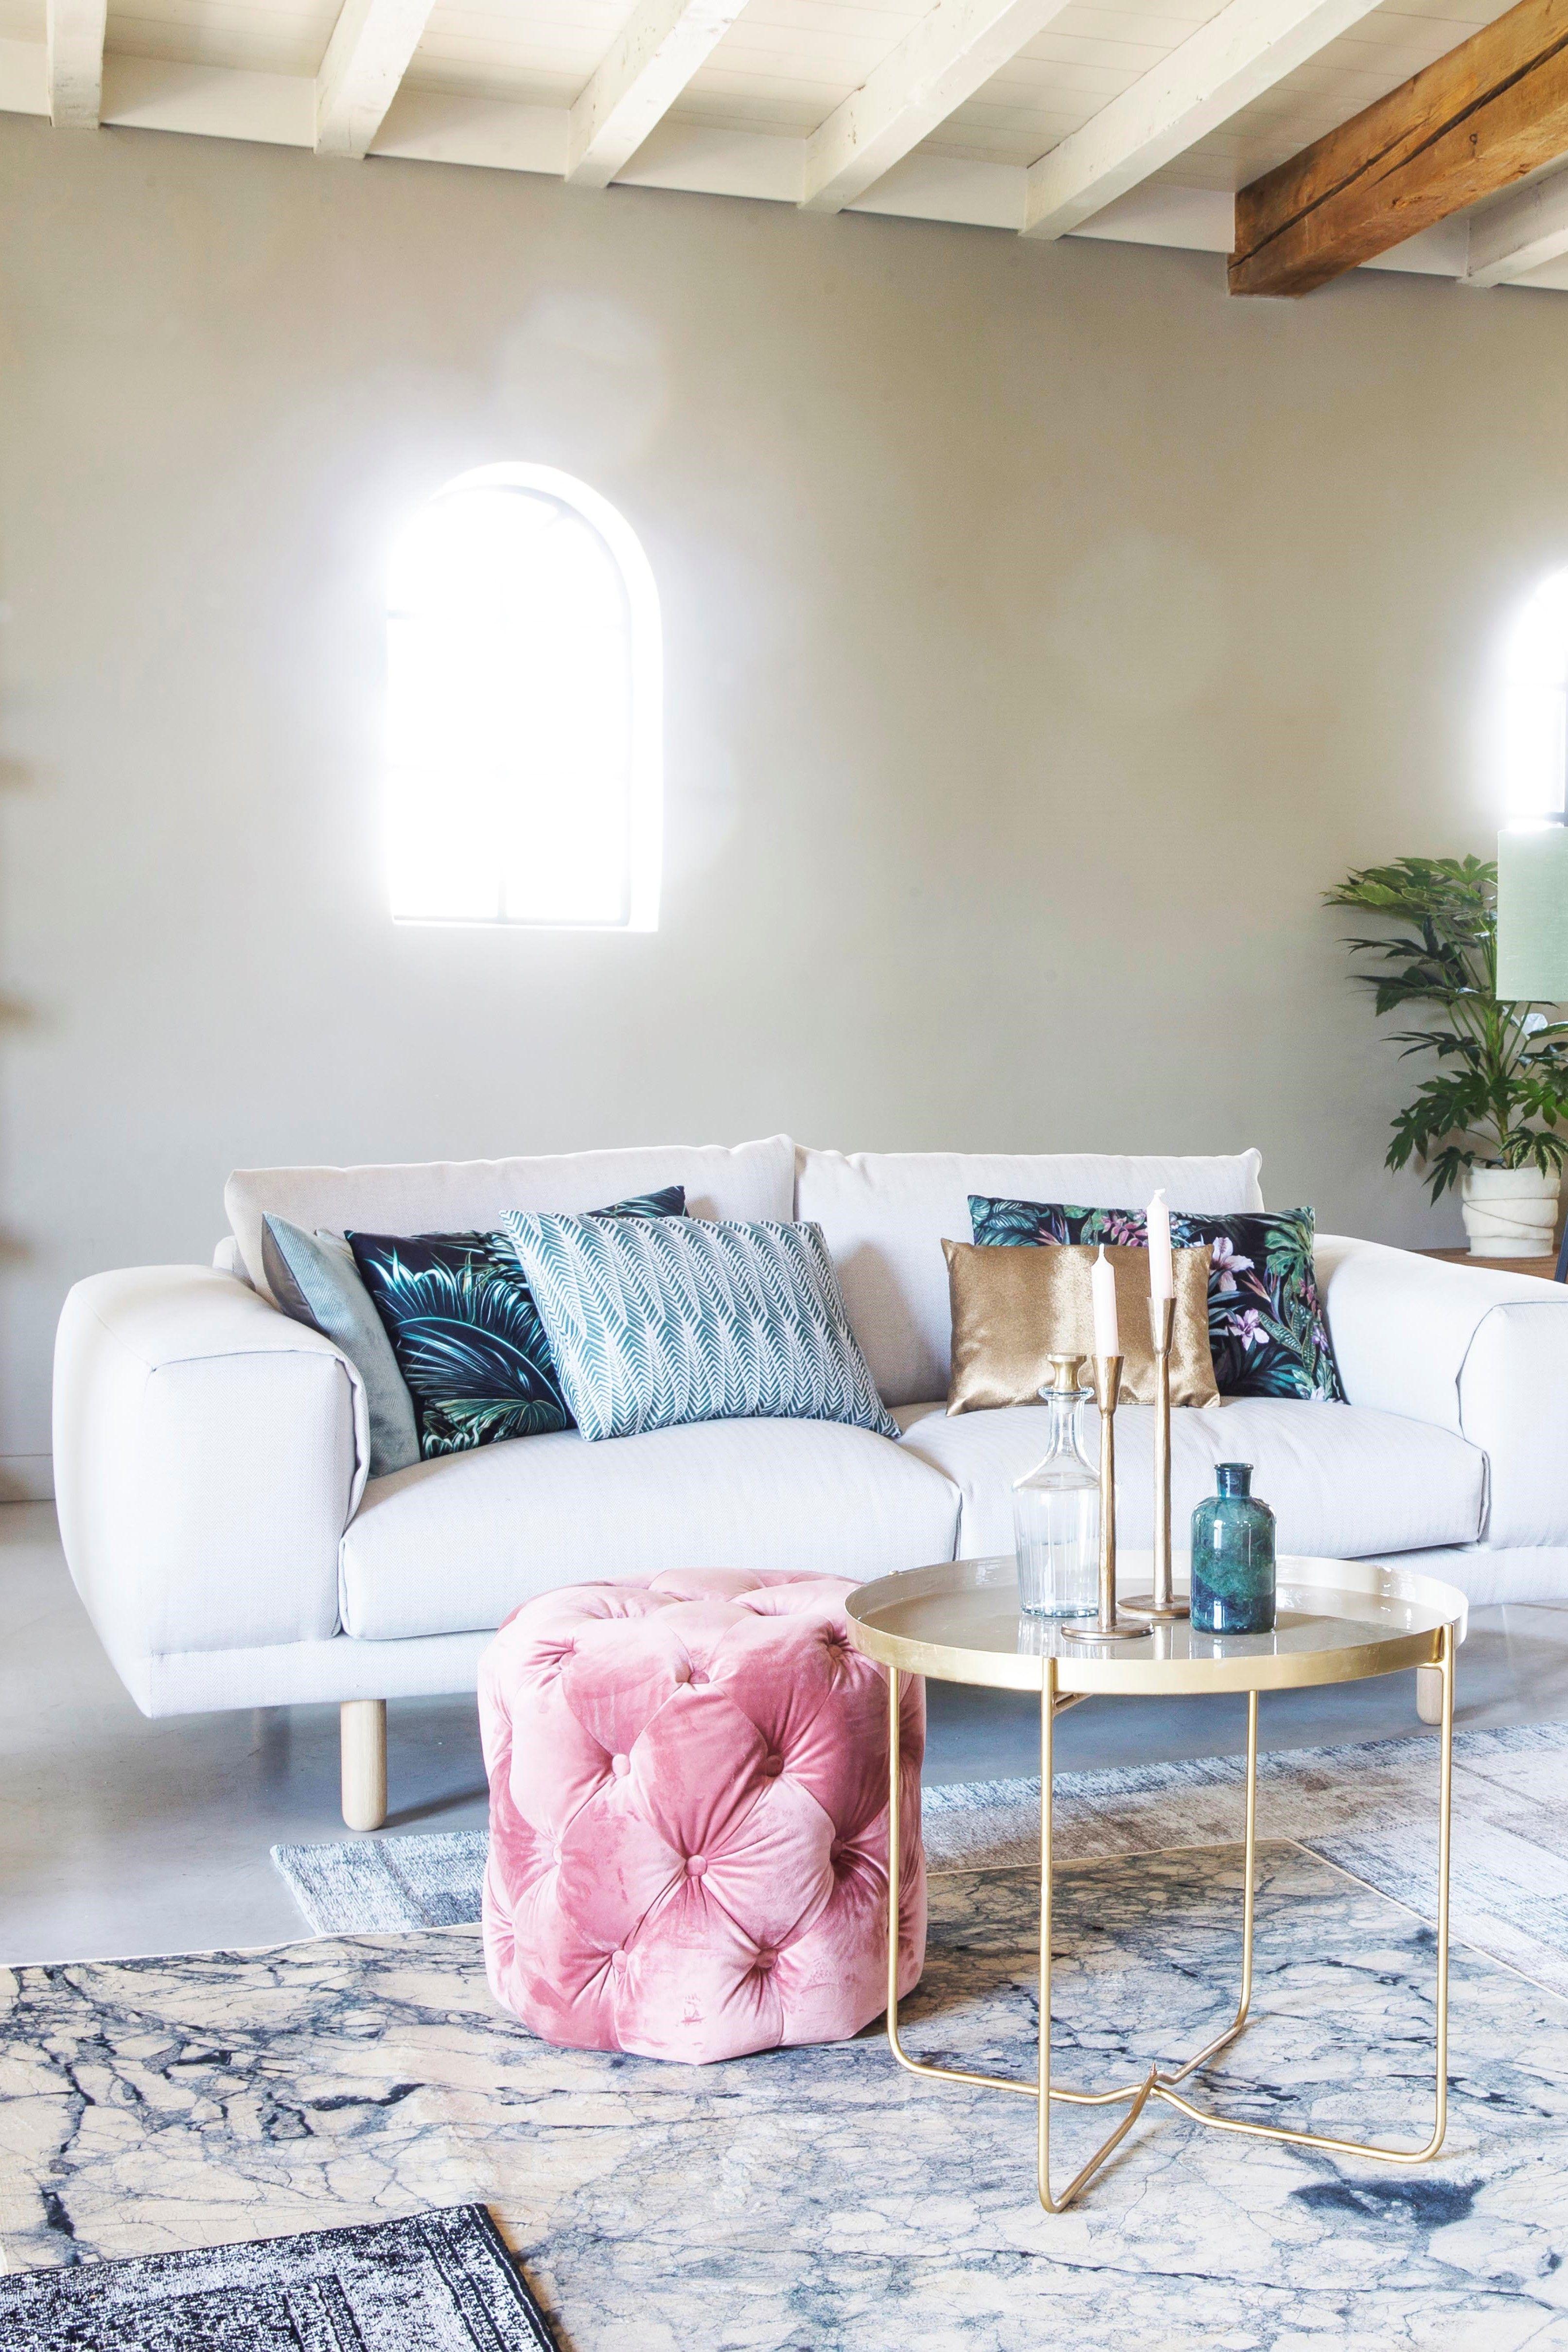 144f51bfe3f6d6 Trendhopper ○ Lichte woonkamer met etnische sfeer door luxe stoffen als  velours